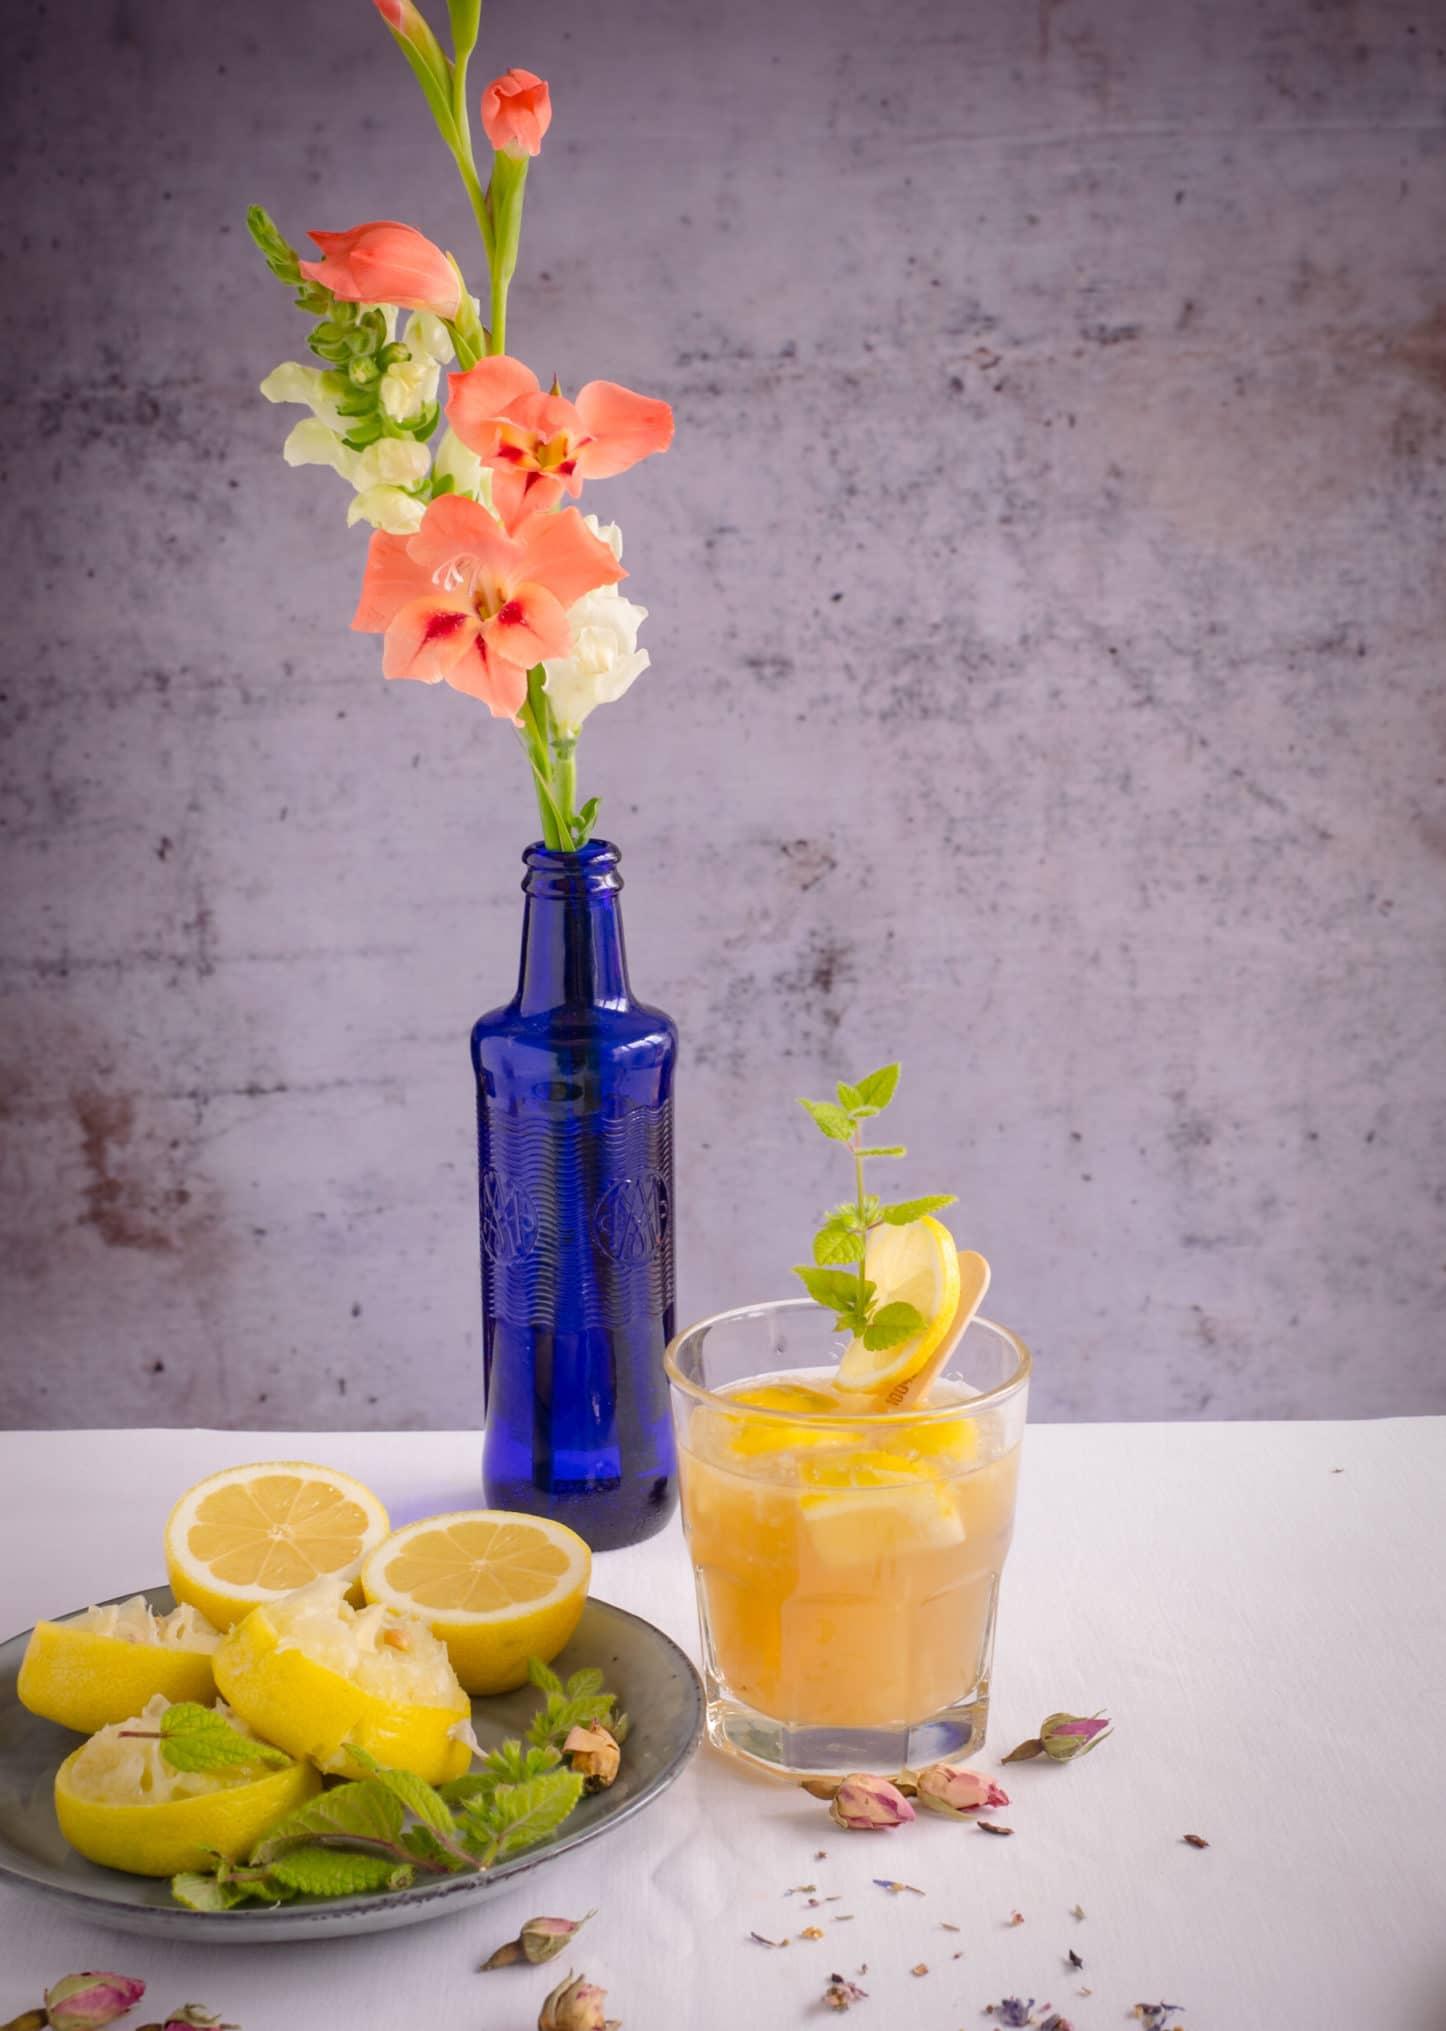 Summer Drink mit Mazzetti l'originale